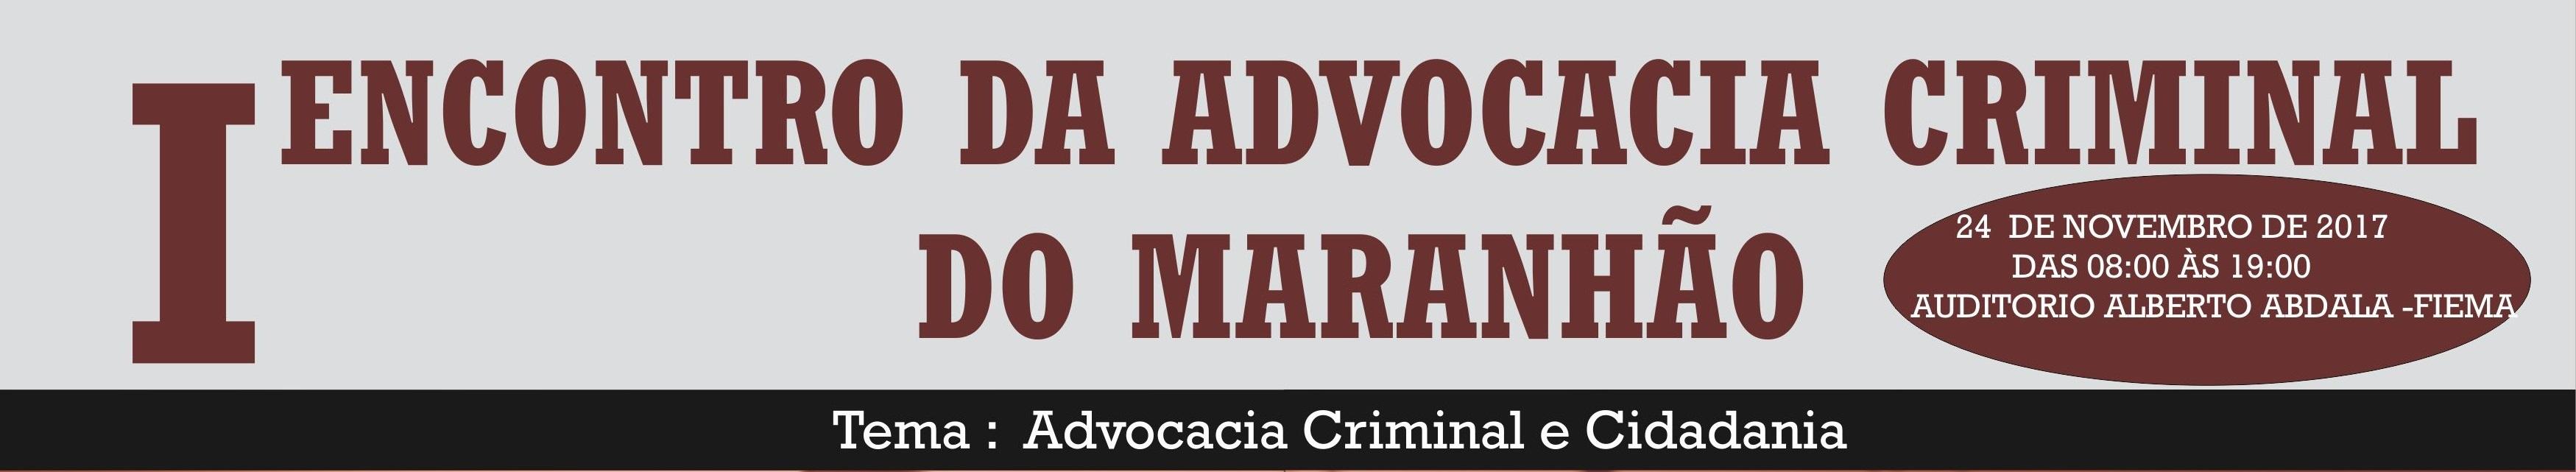 1° ENCONTRO DA ADVOCACIA CRIMINAL DO MARANHÃO